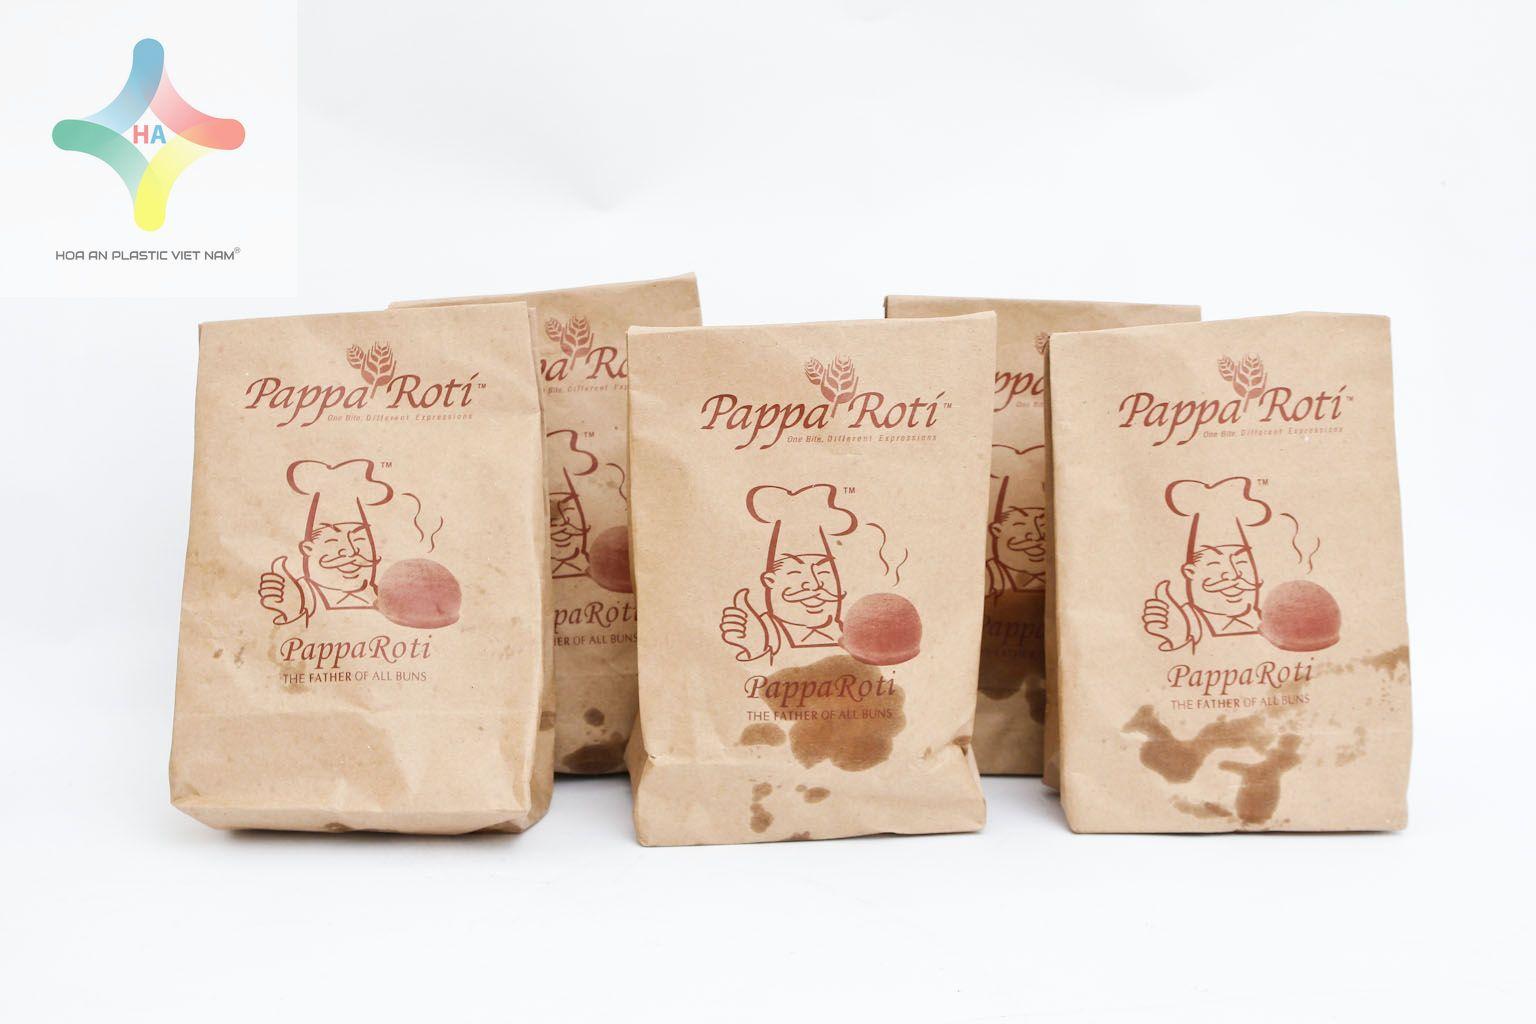 Sử dụng túi giấy đựng thực phẩm thay vì sử dụng hộp xốp